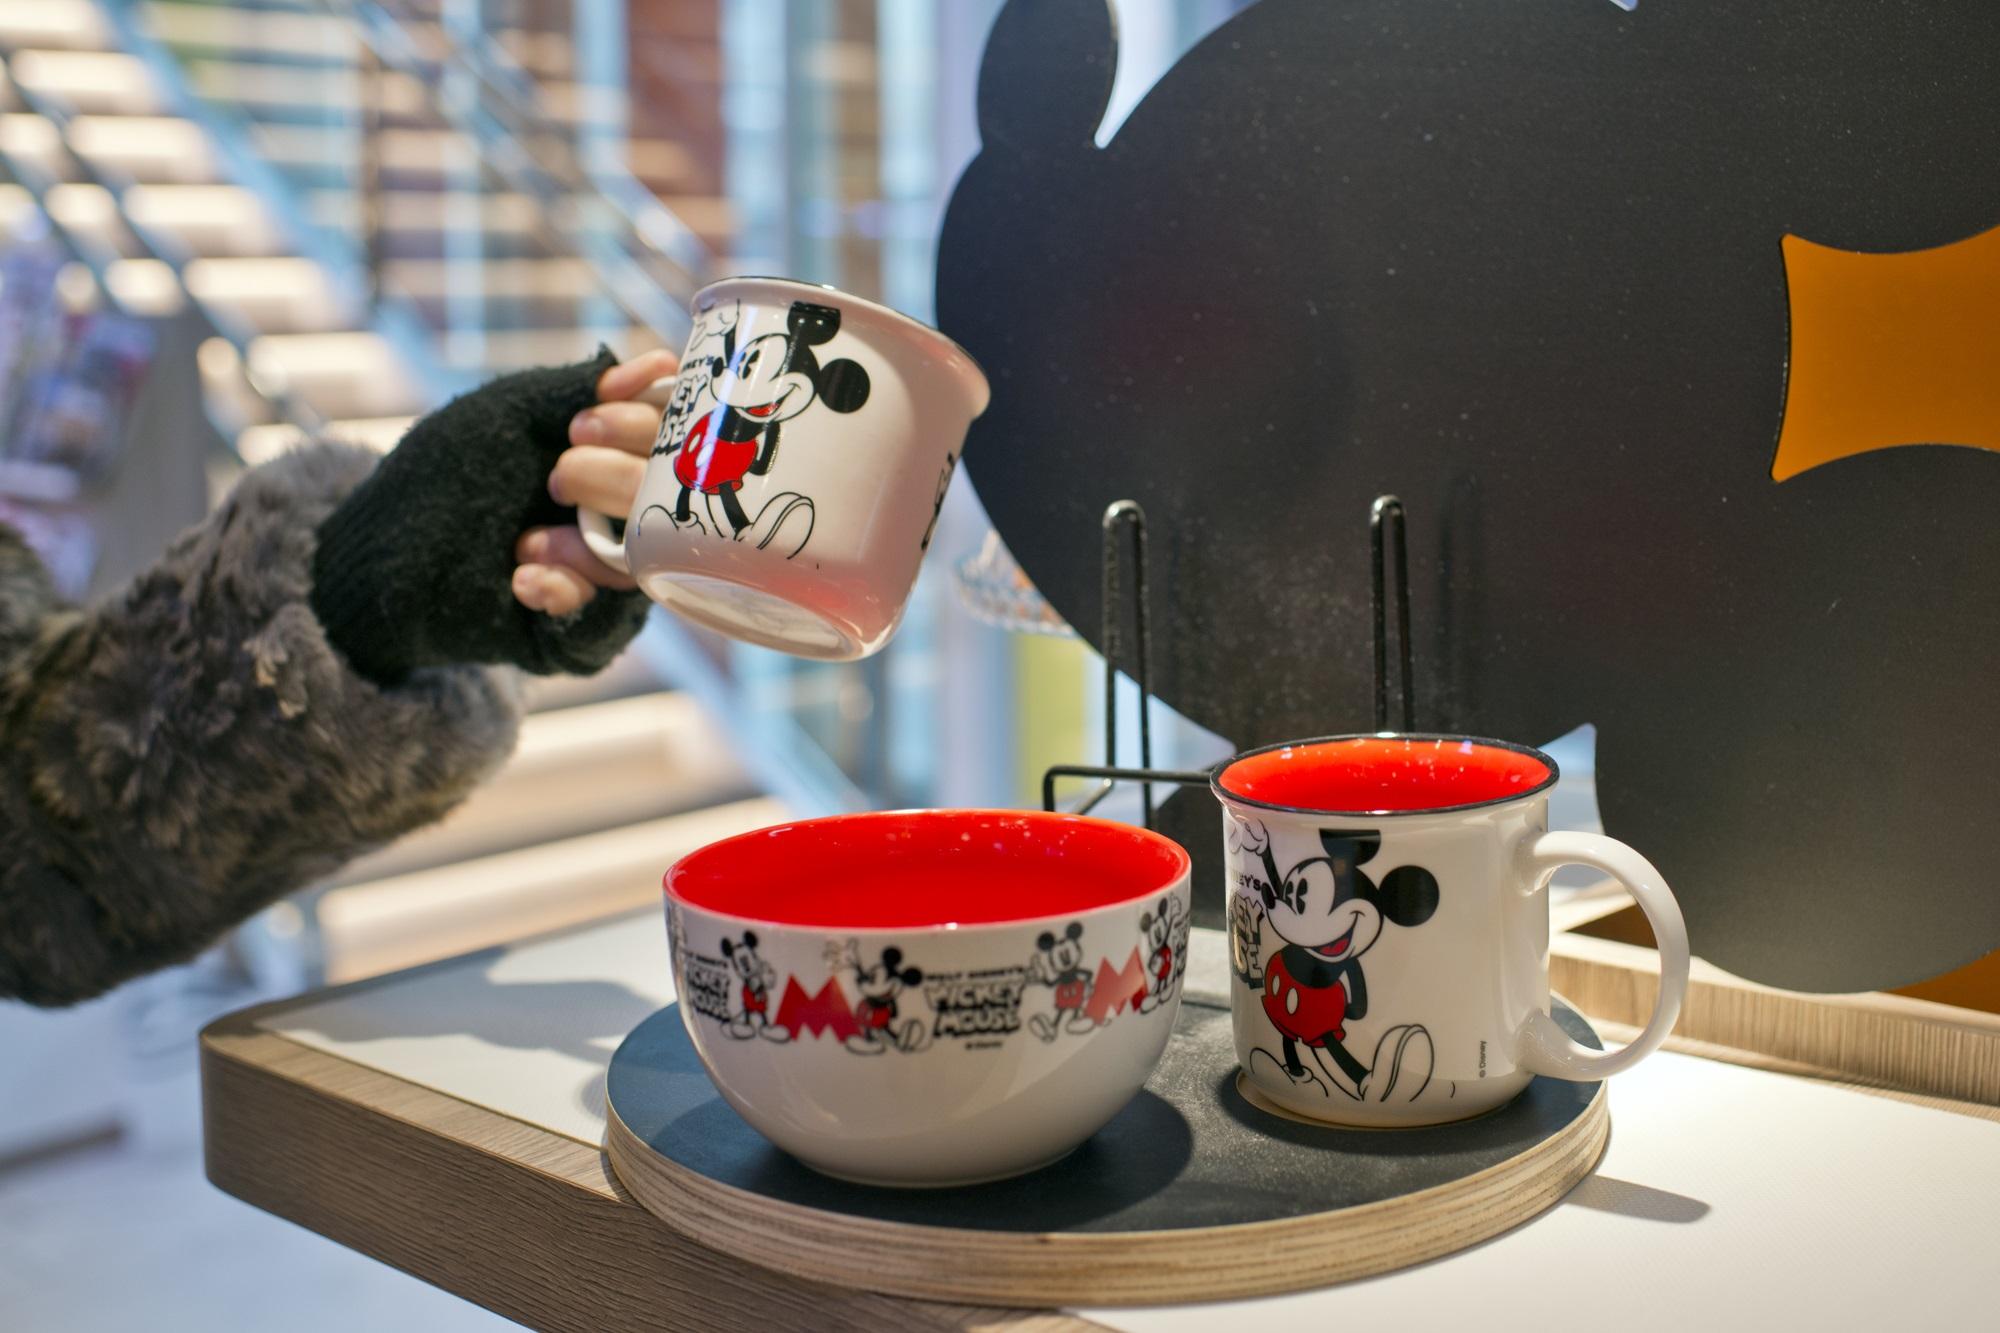 Regalos que te sacan de un apuro: juego de tazas de Mickey Mouse versión 'vintage'.